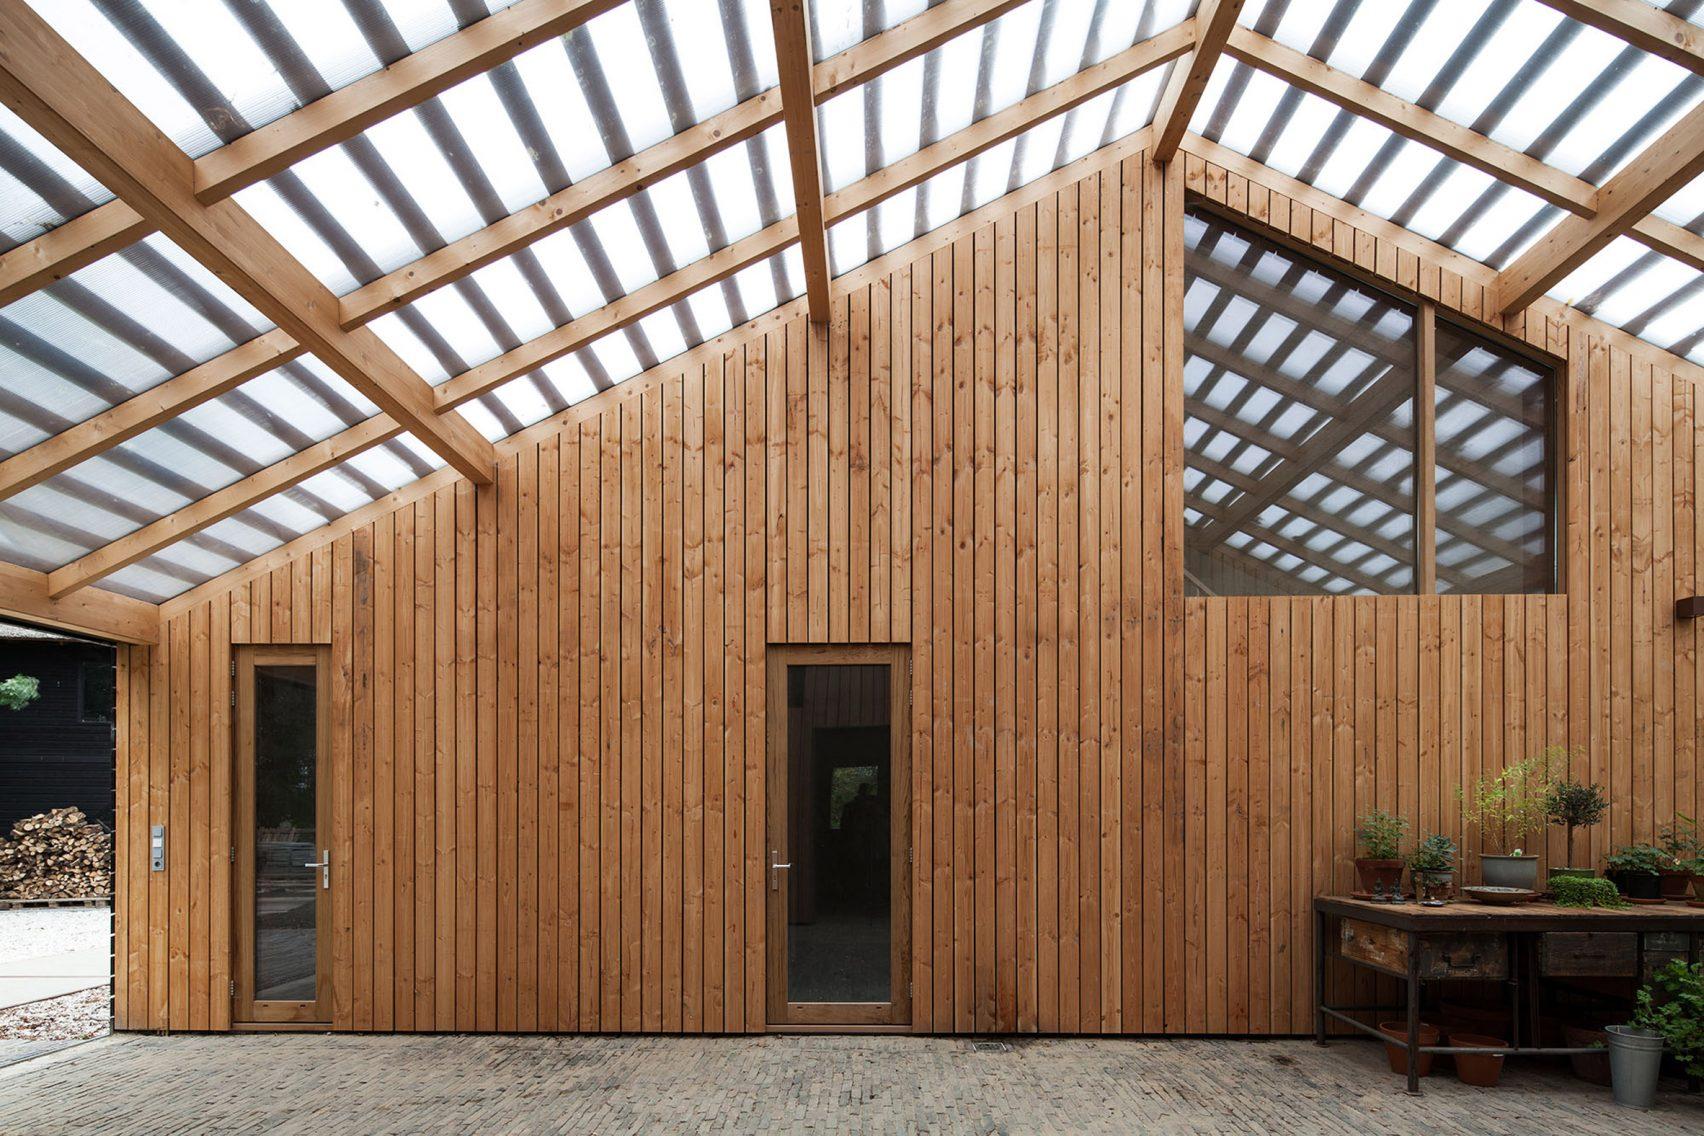 Nhà gỗ cấp 4 hiện đại 1